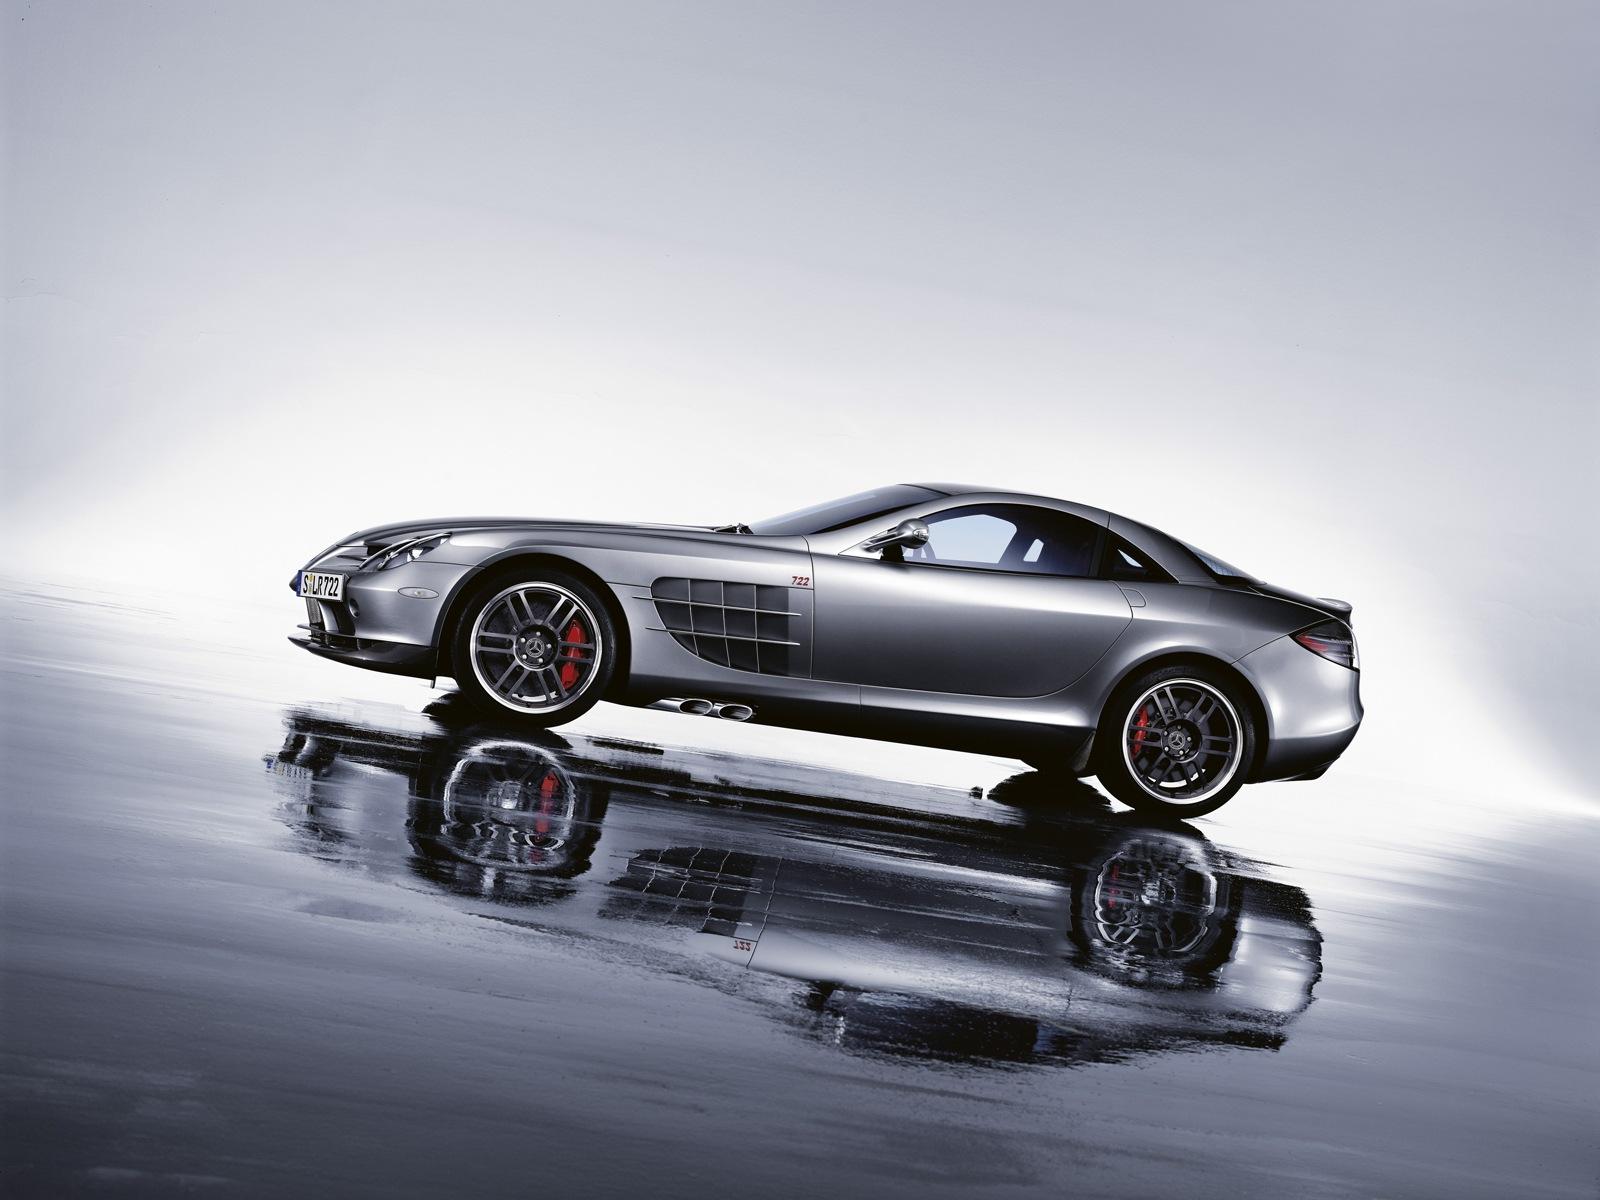 Mercedes Mclaren SLR 722 Edition Super Sports Car designed Free Download Image Of